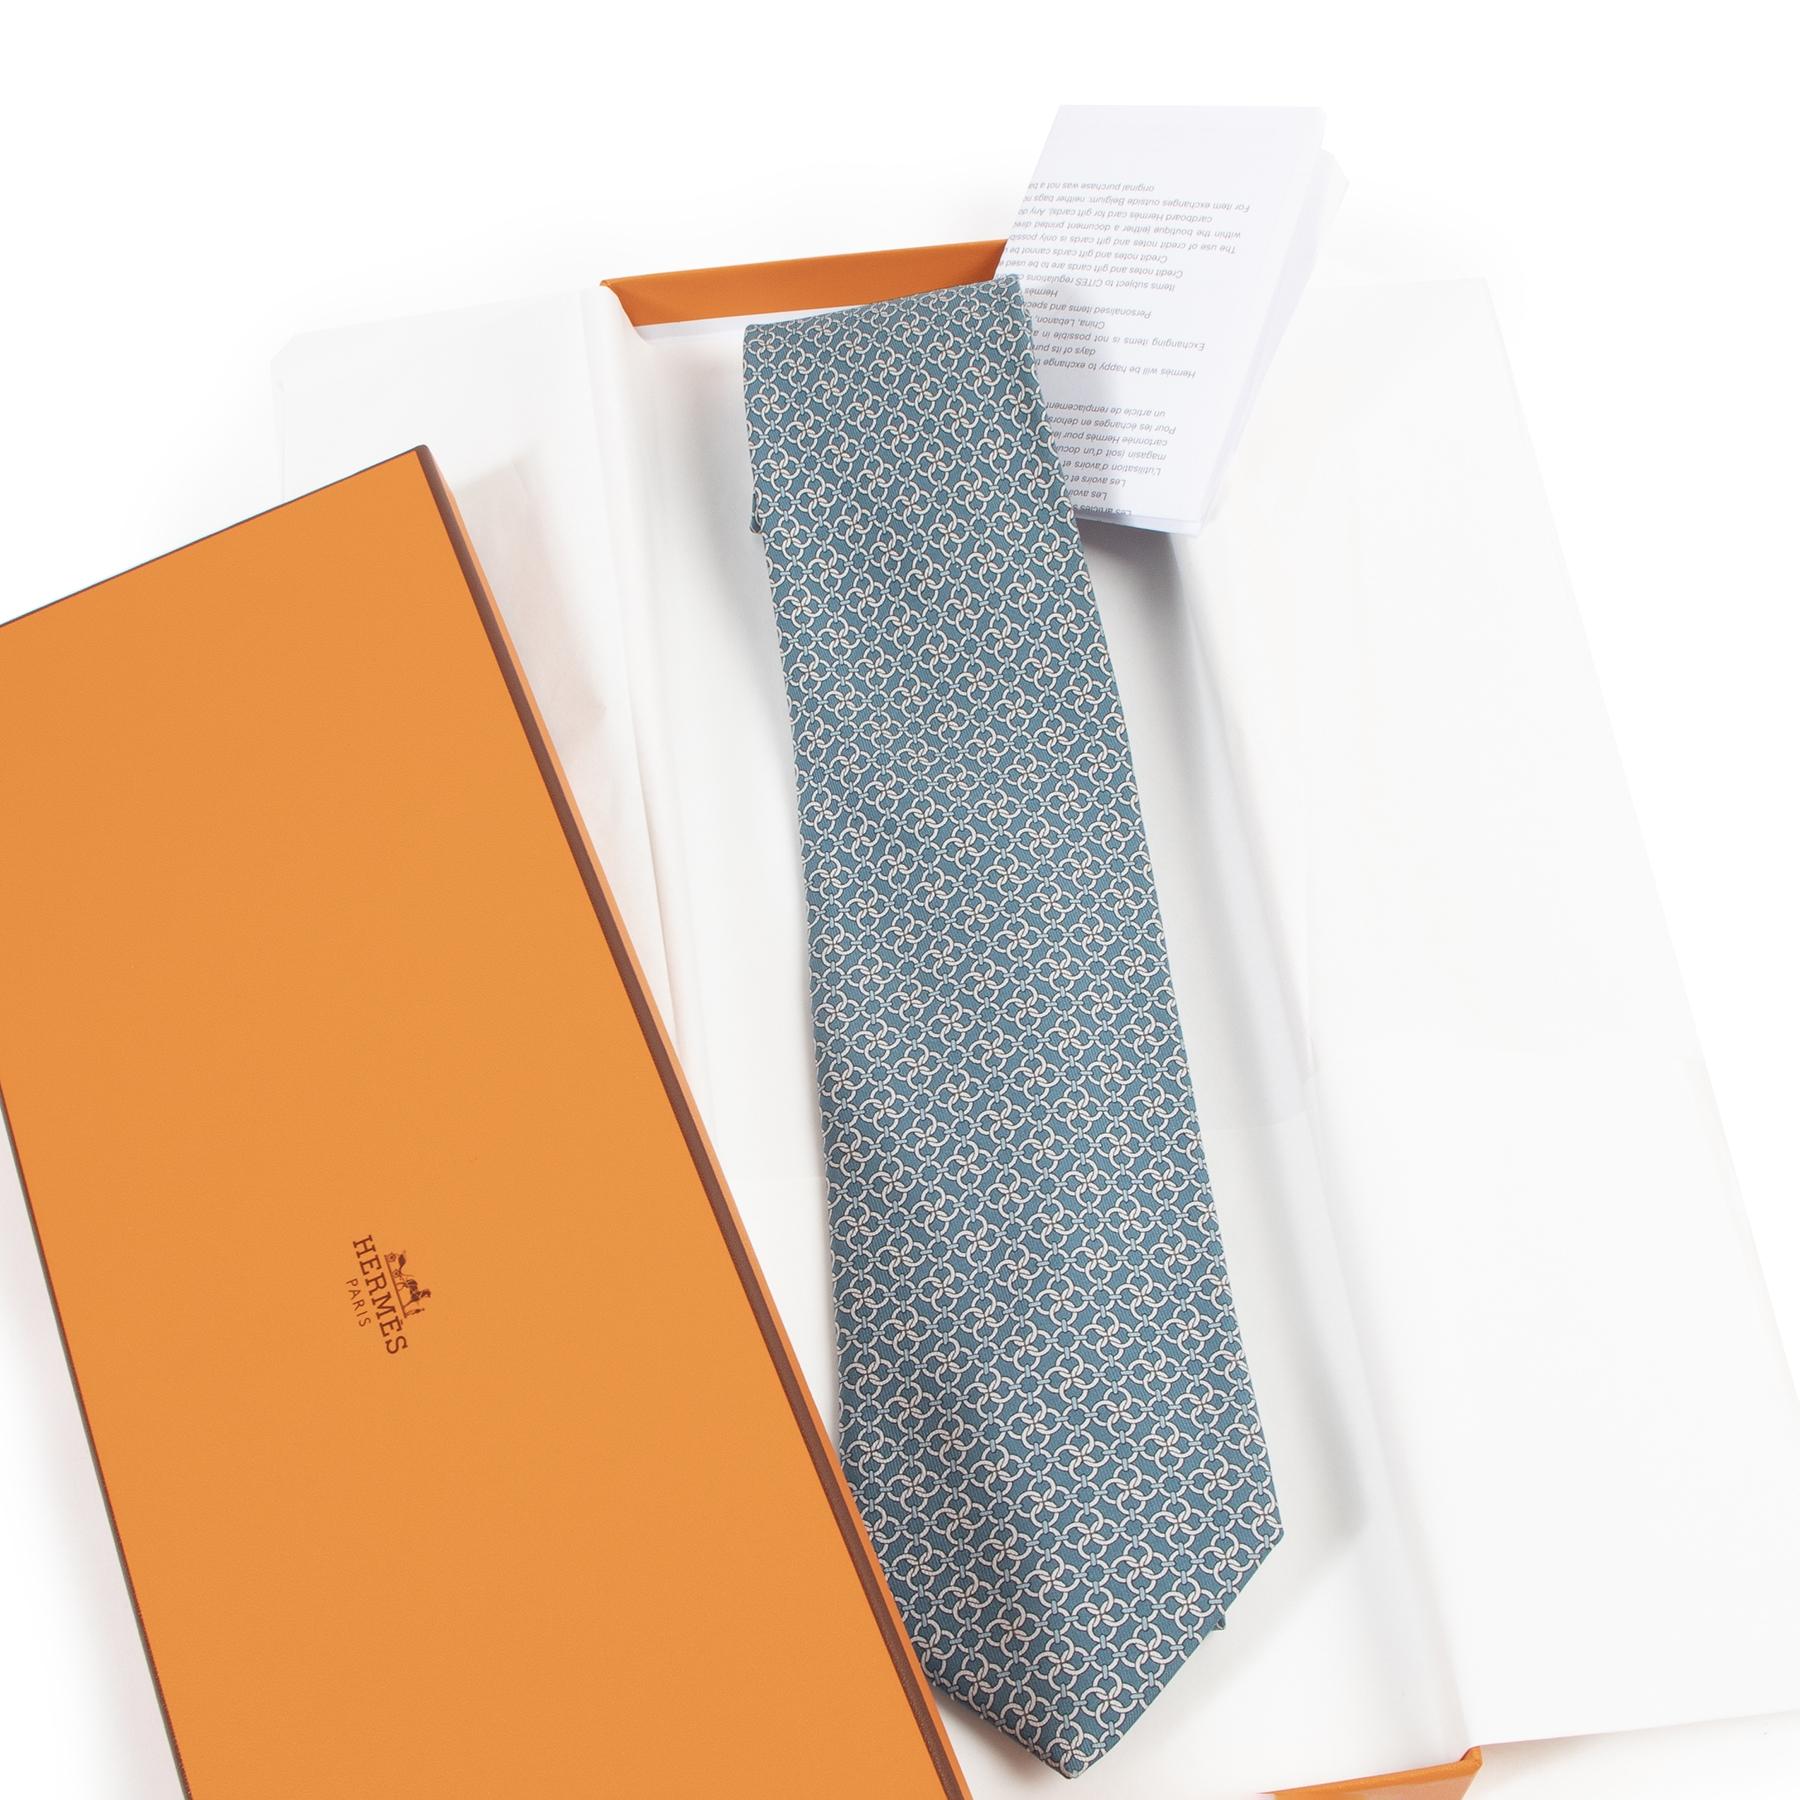 Hermès Cravate Twill Terre de H Tie te koop aan de beste prijs bij Labellov